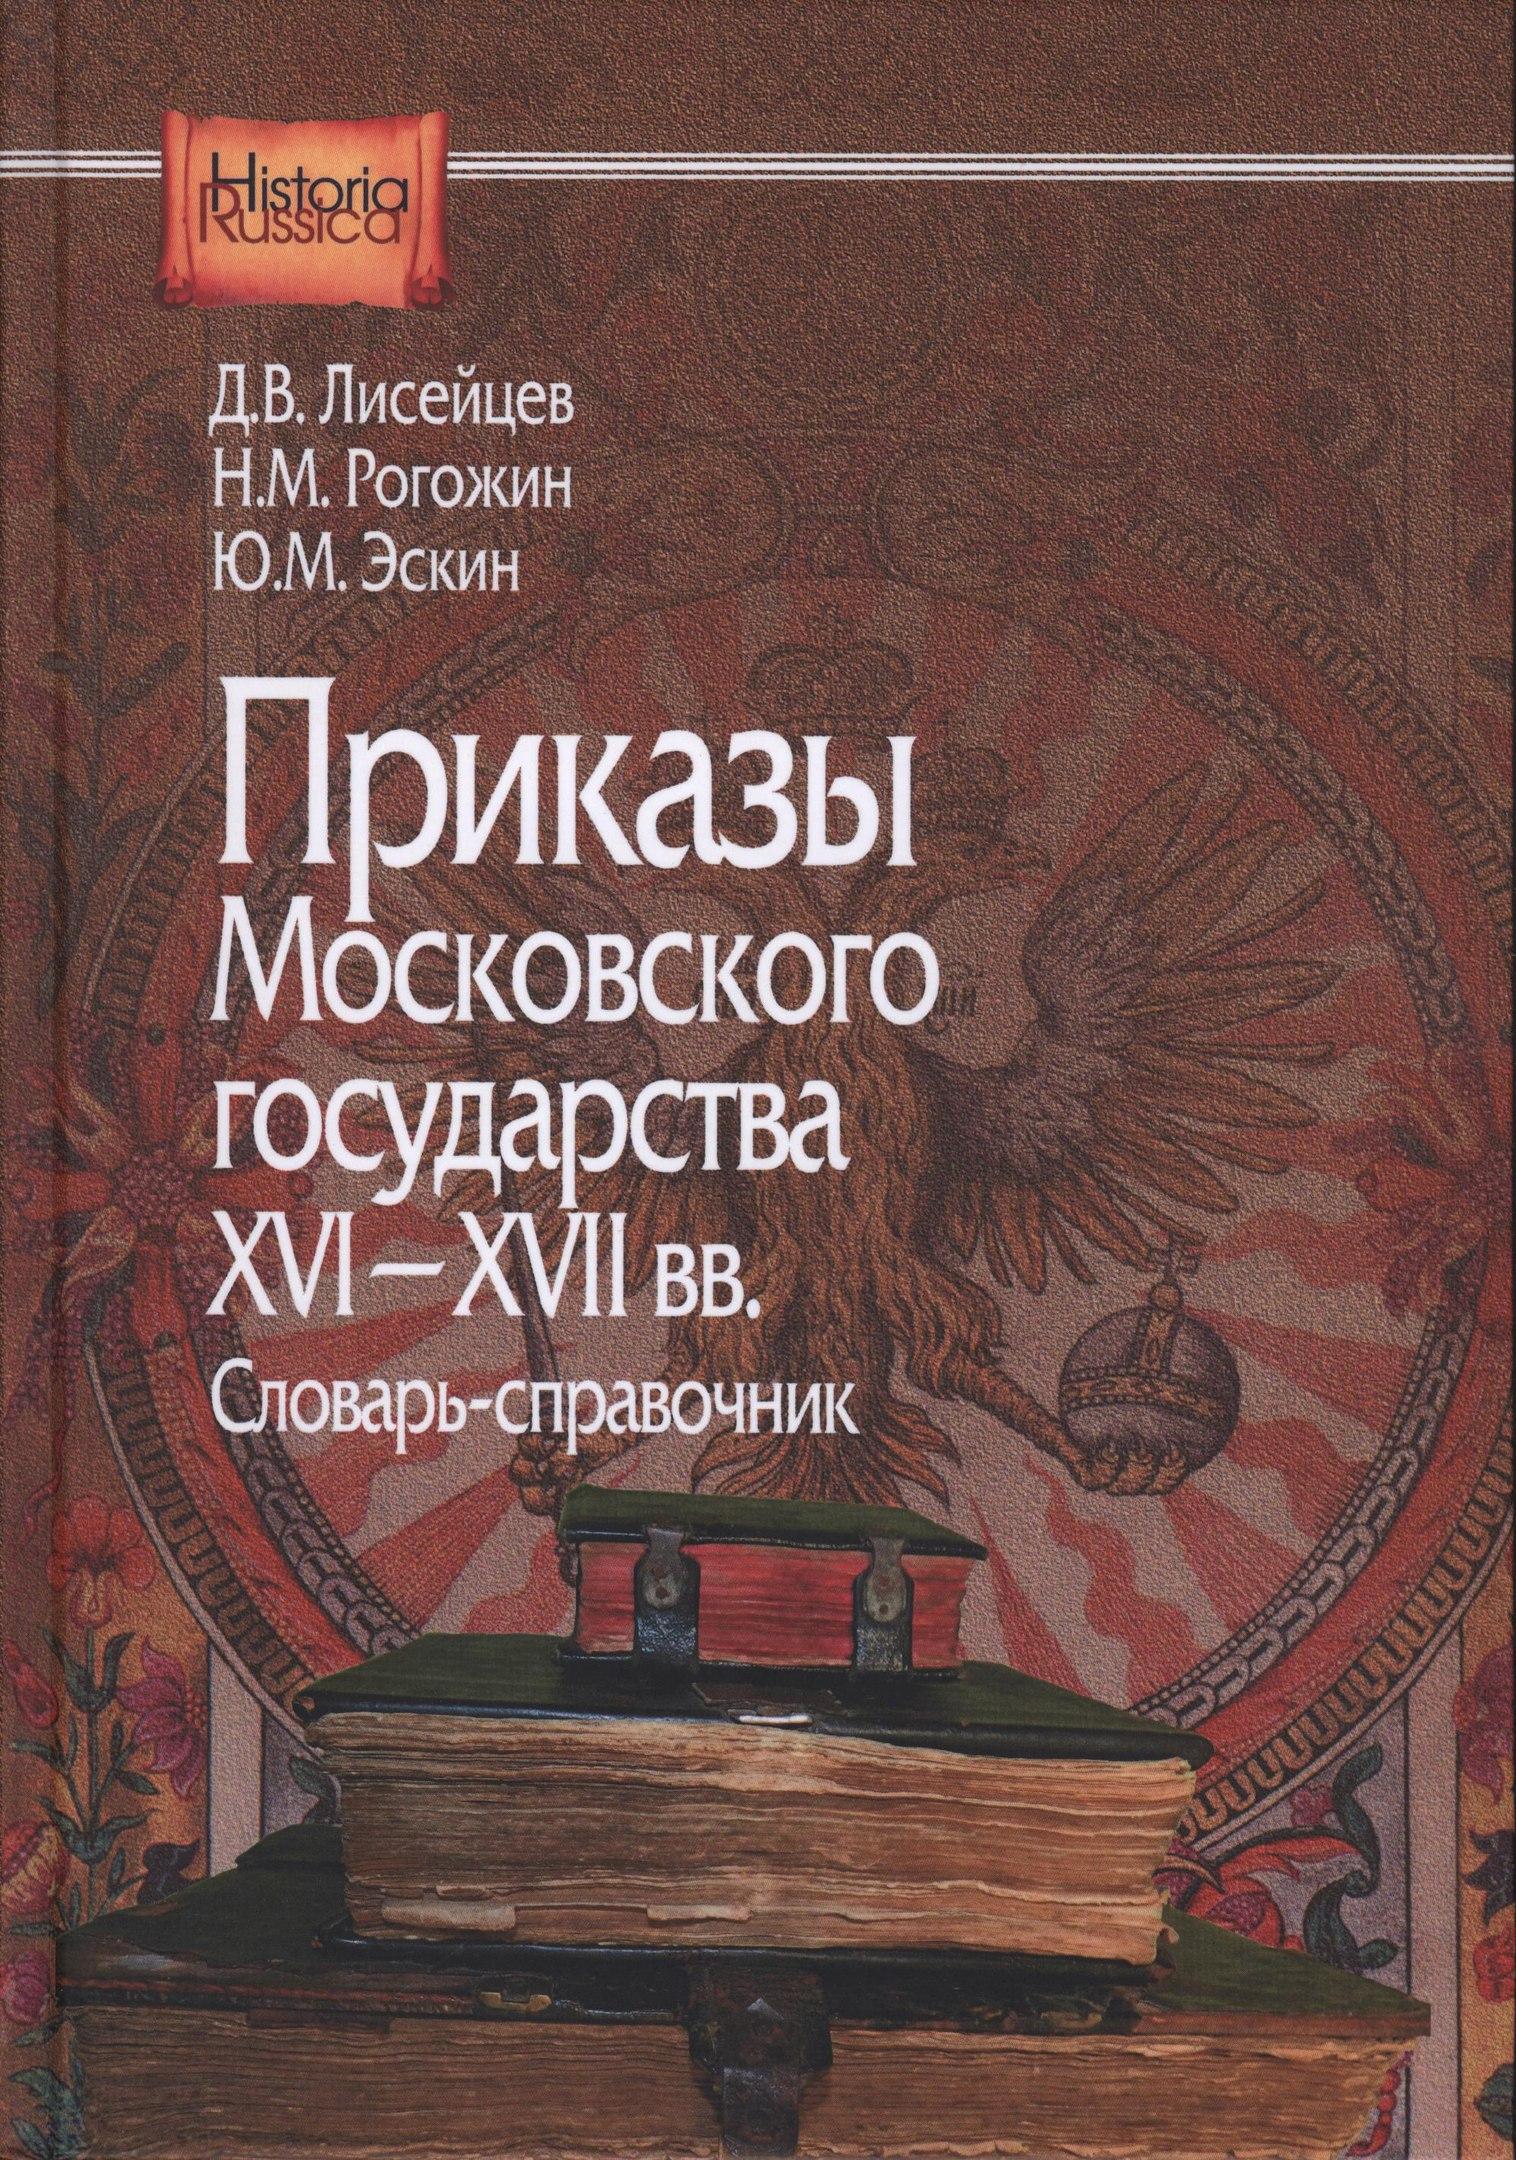 Приказы Московского государства XVI-XVII вв.: Словарь-справочник